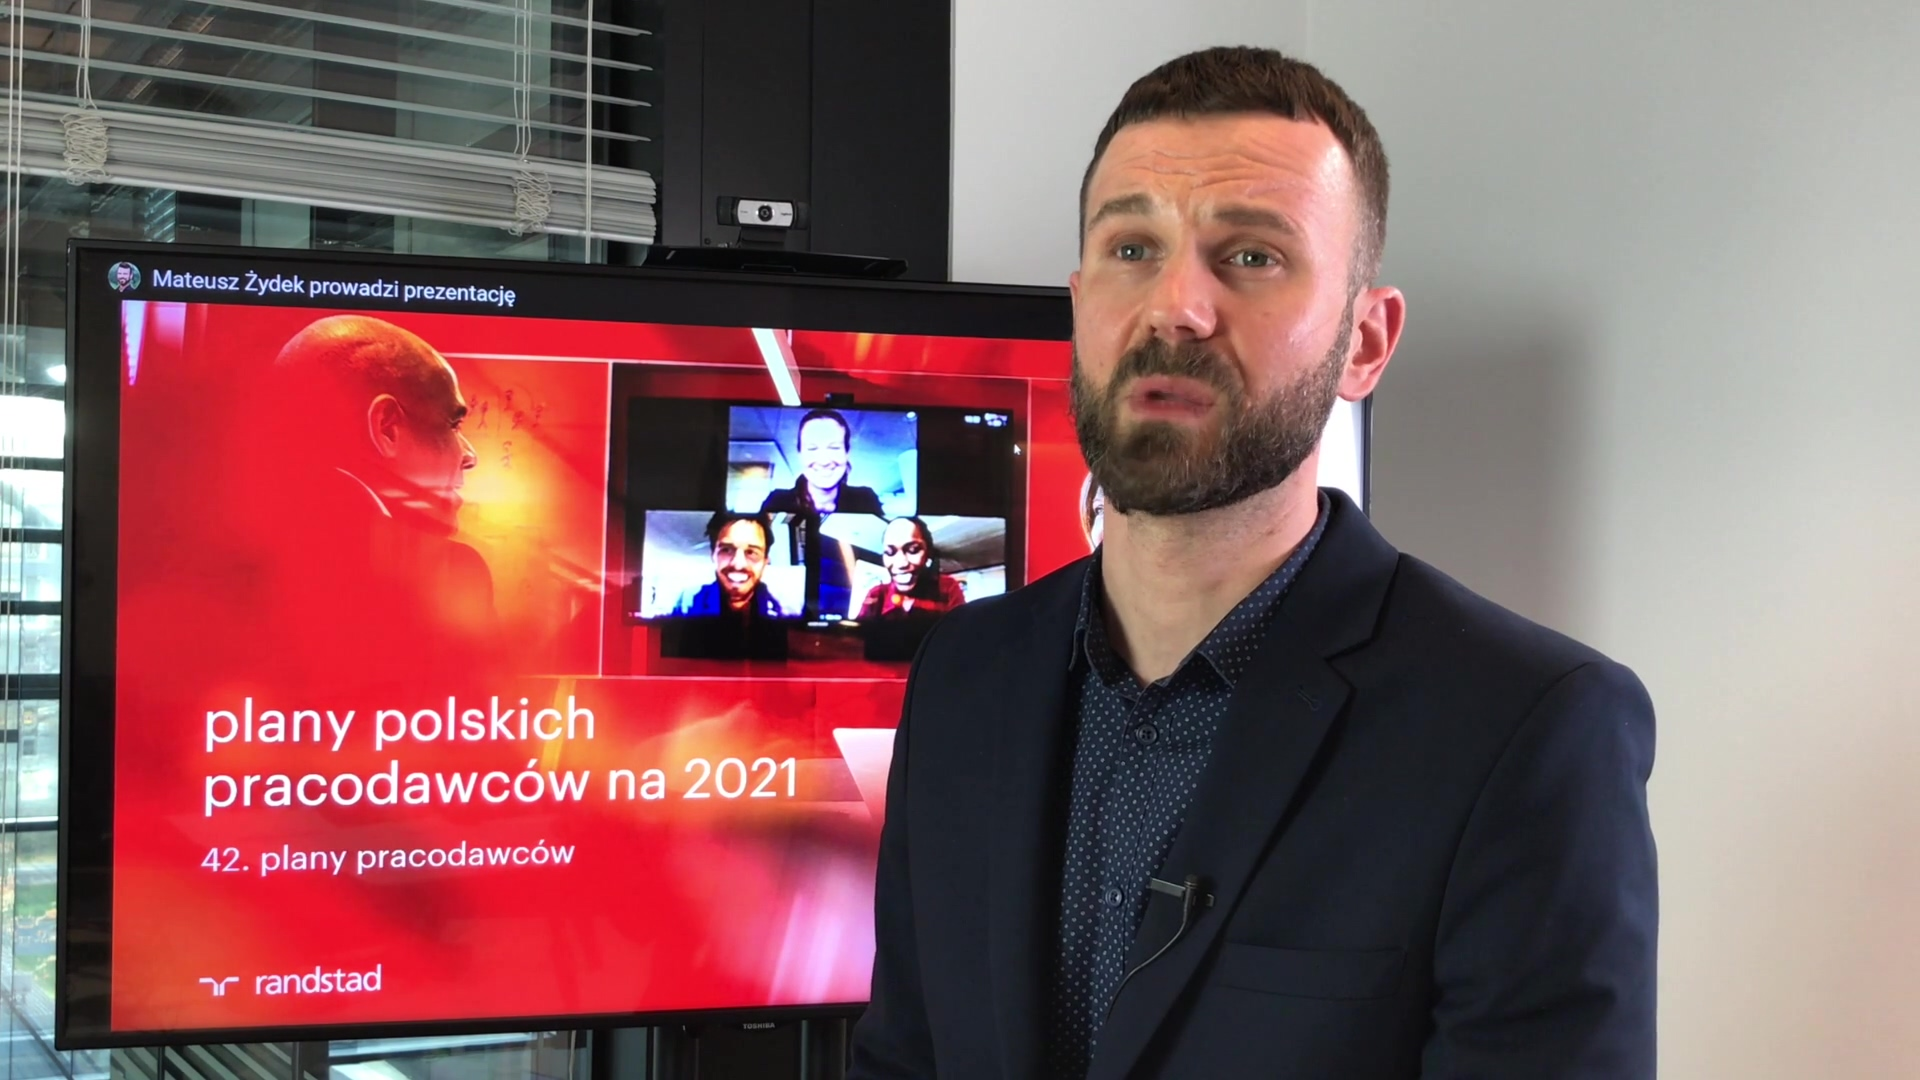 Komentarz - 42 Plany Pracodawców - Mateusz Żydek, Instytut Badawczy Randstad